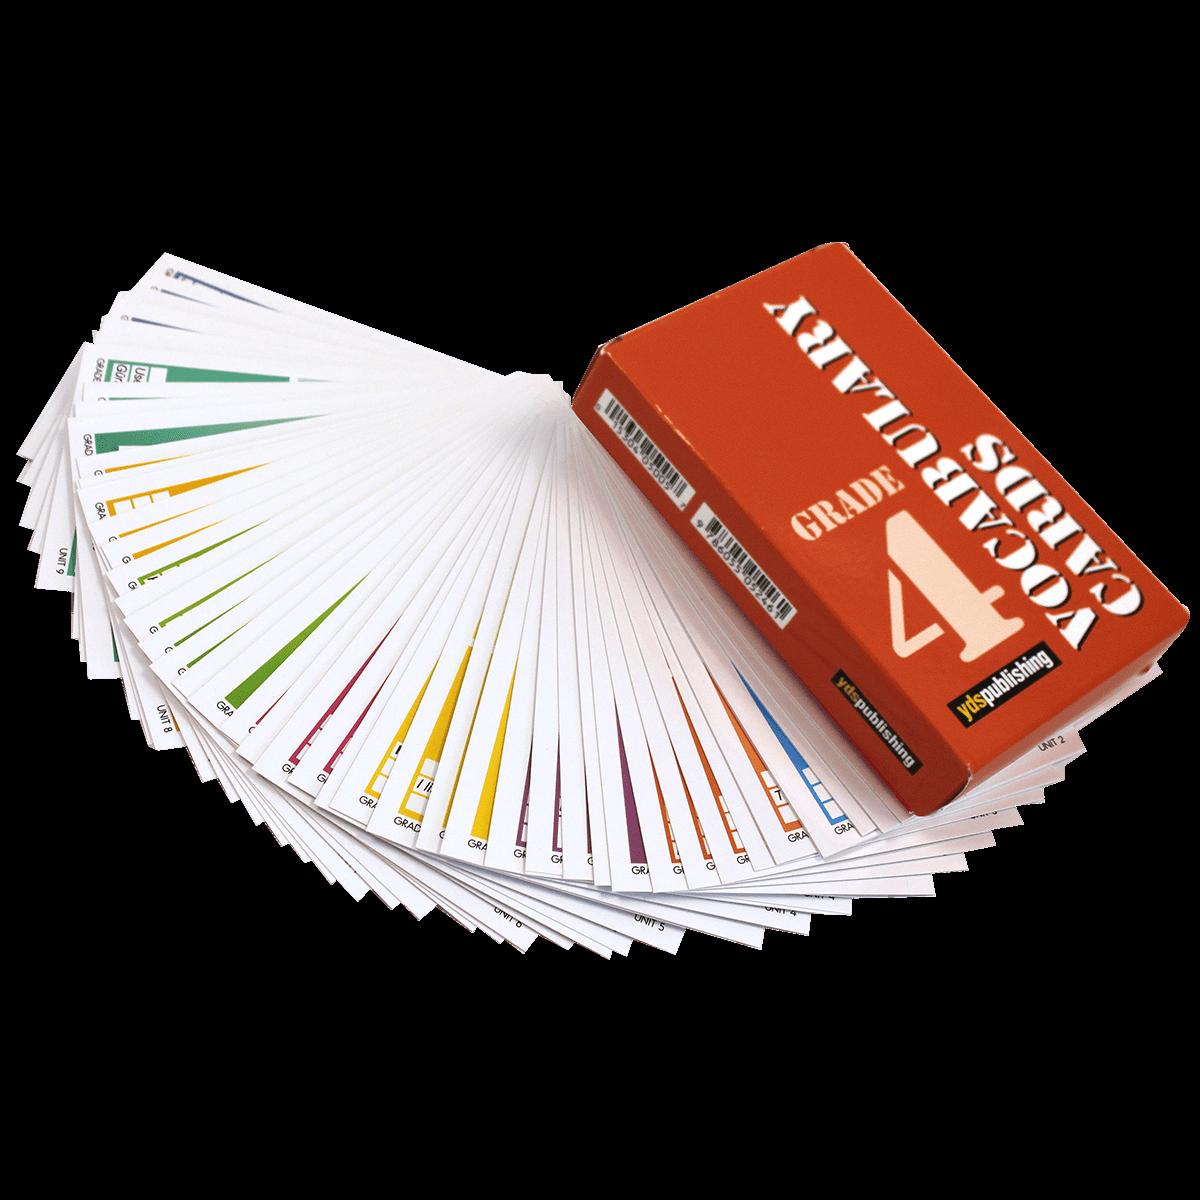 İngilizce 4. Sınıf Kelime Kartları YDS Publishing grade 5 vocabulary cards Grade 4 Vocabulary Cards grade4 vocabulary 001 min 1200x1200